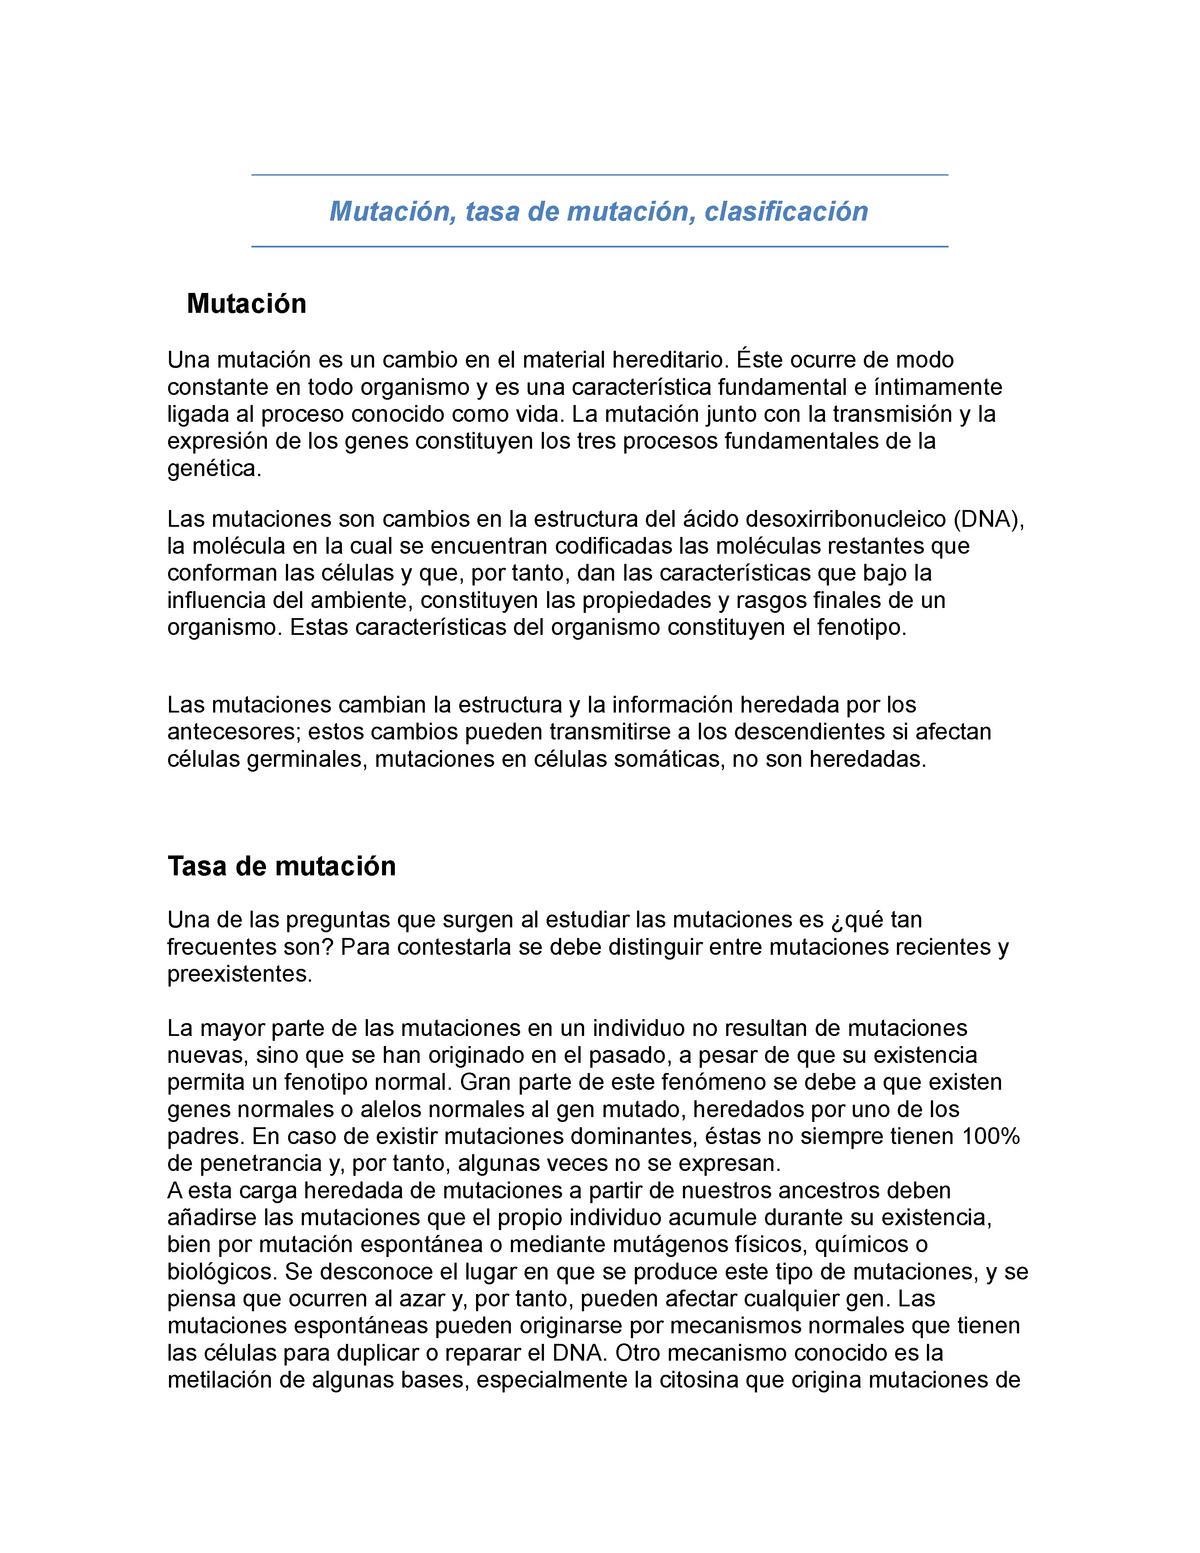 Mutación Tasa De Mutación Clasificación Mecanismos De